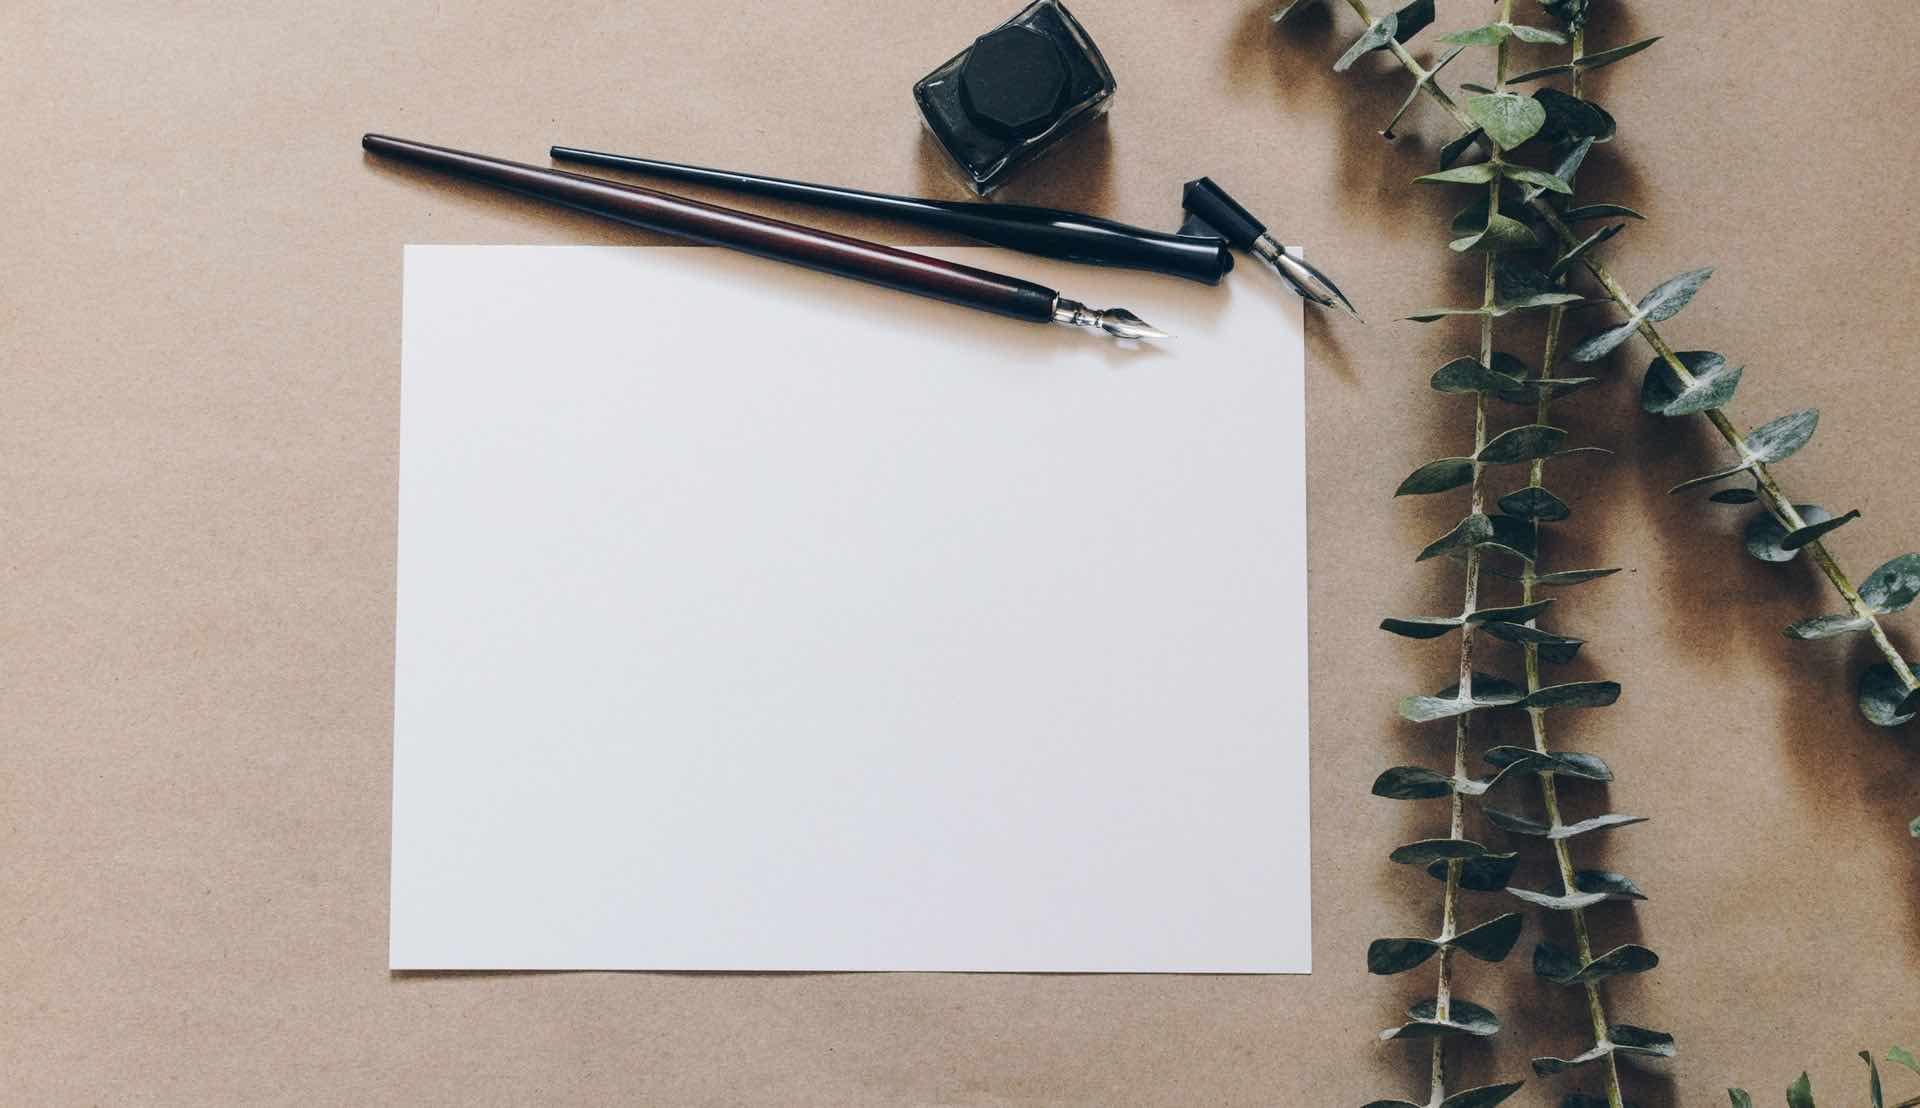 lettre papier blanc crayons